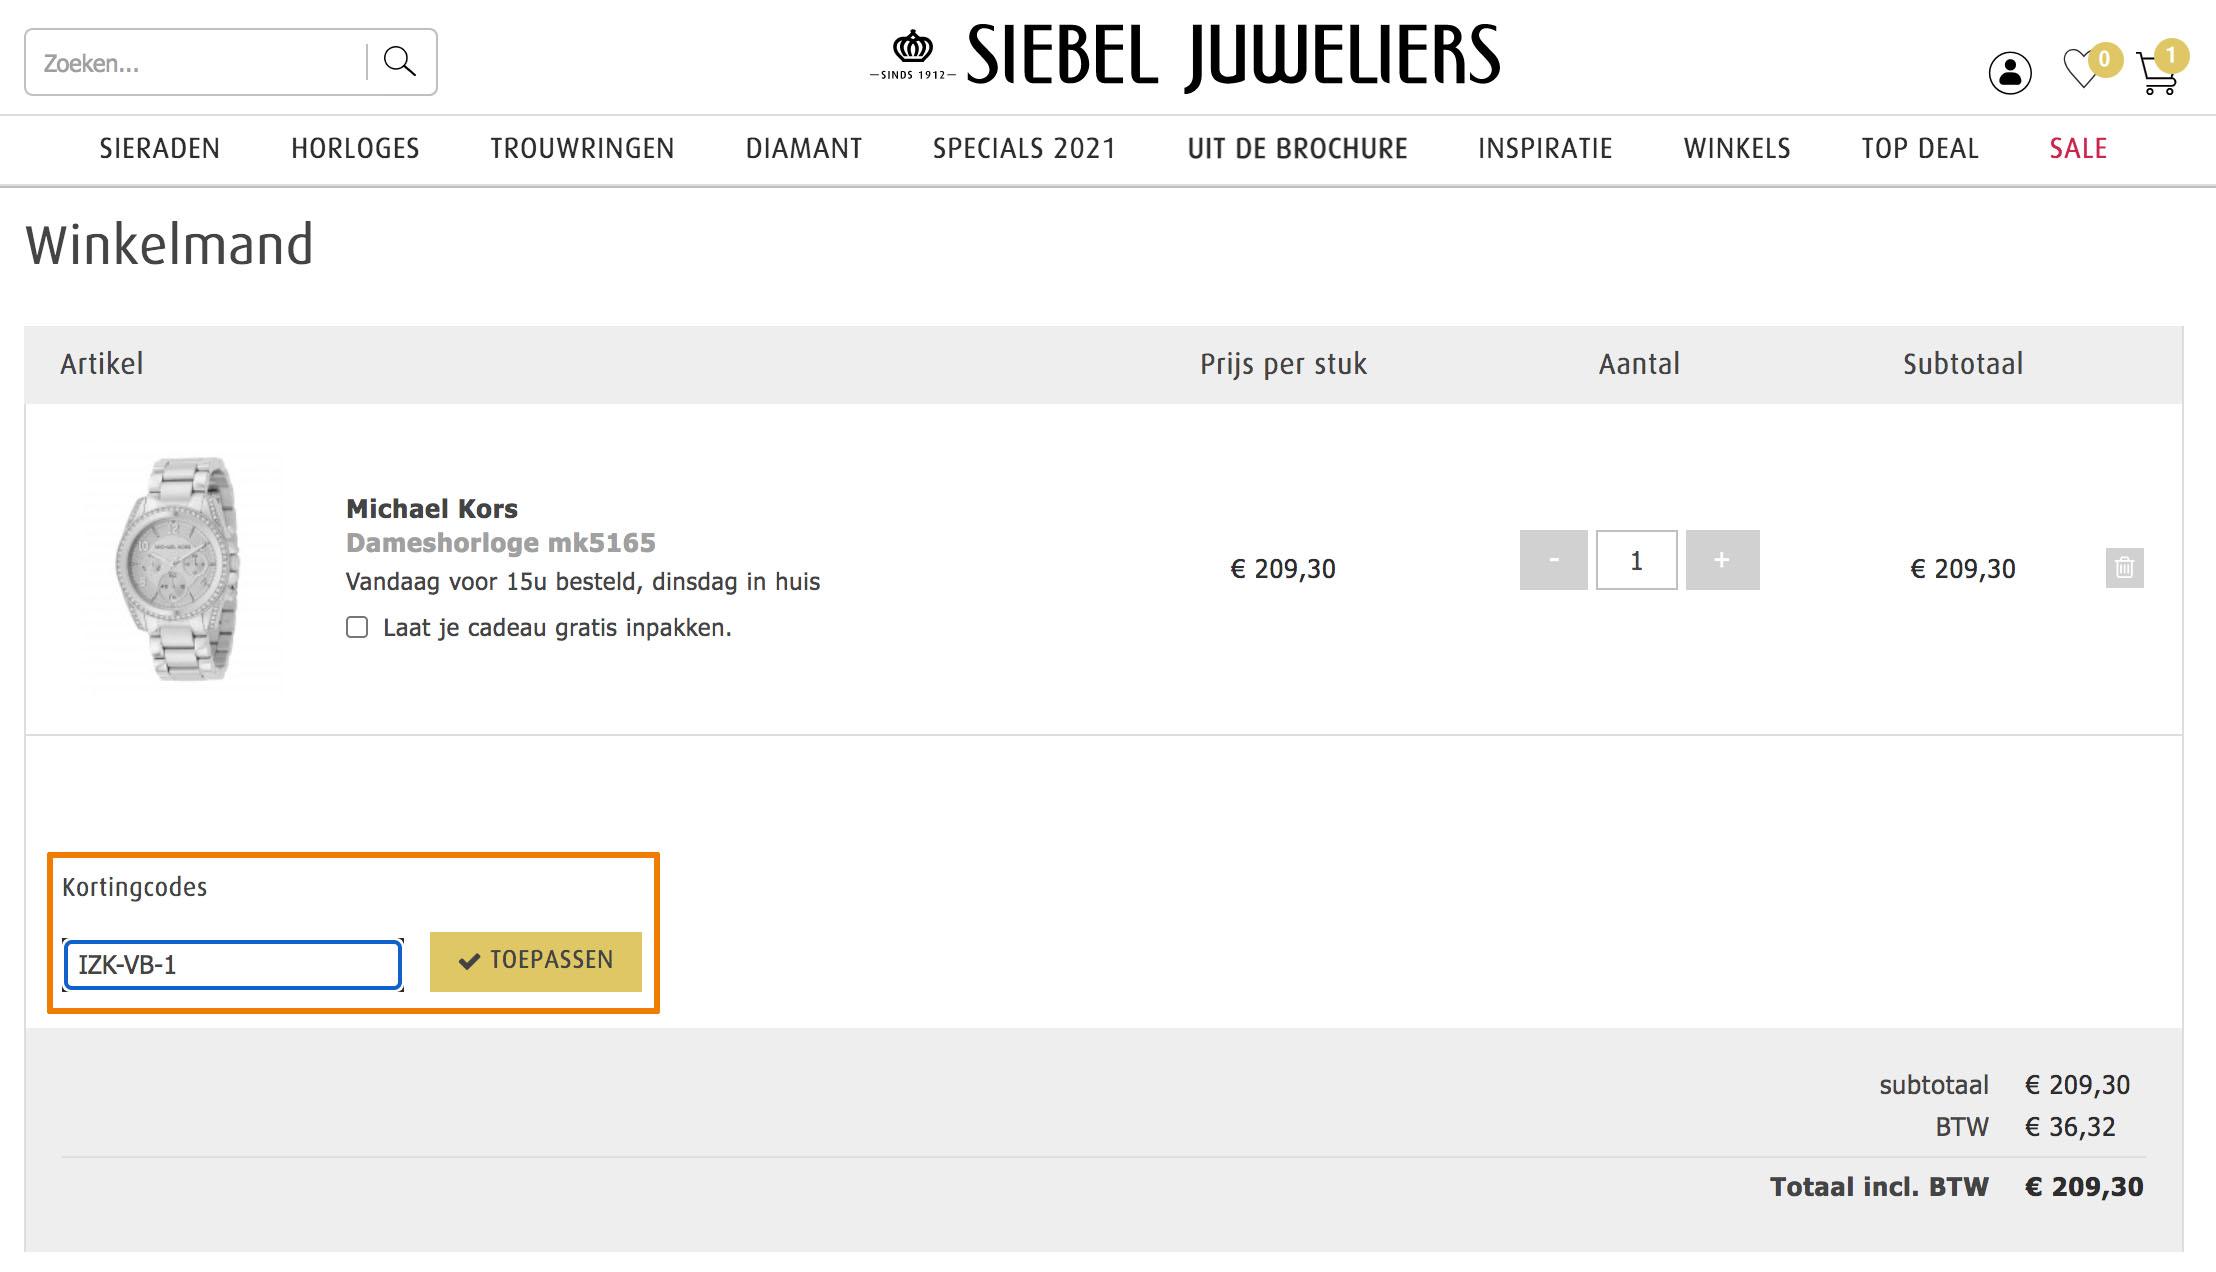 Hoe gebruik je een Siebel Juweliers aanbieding